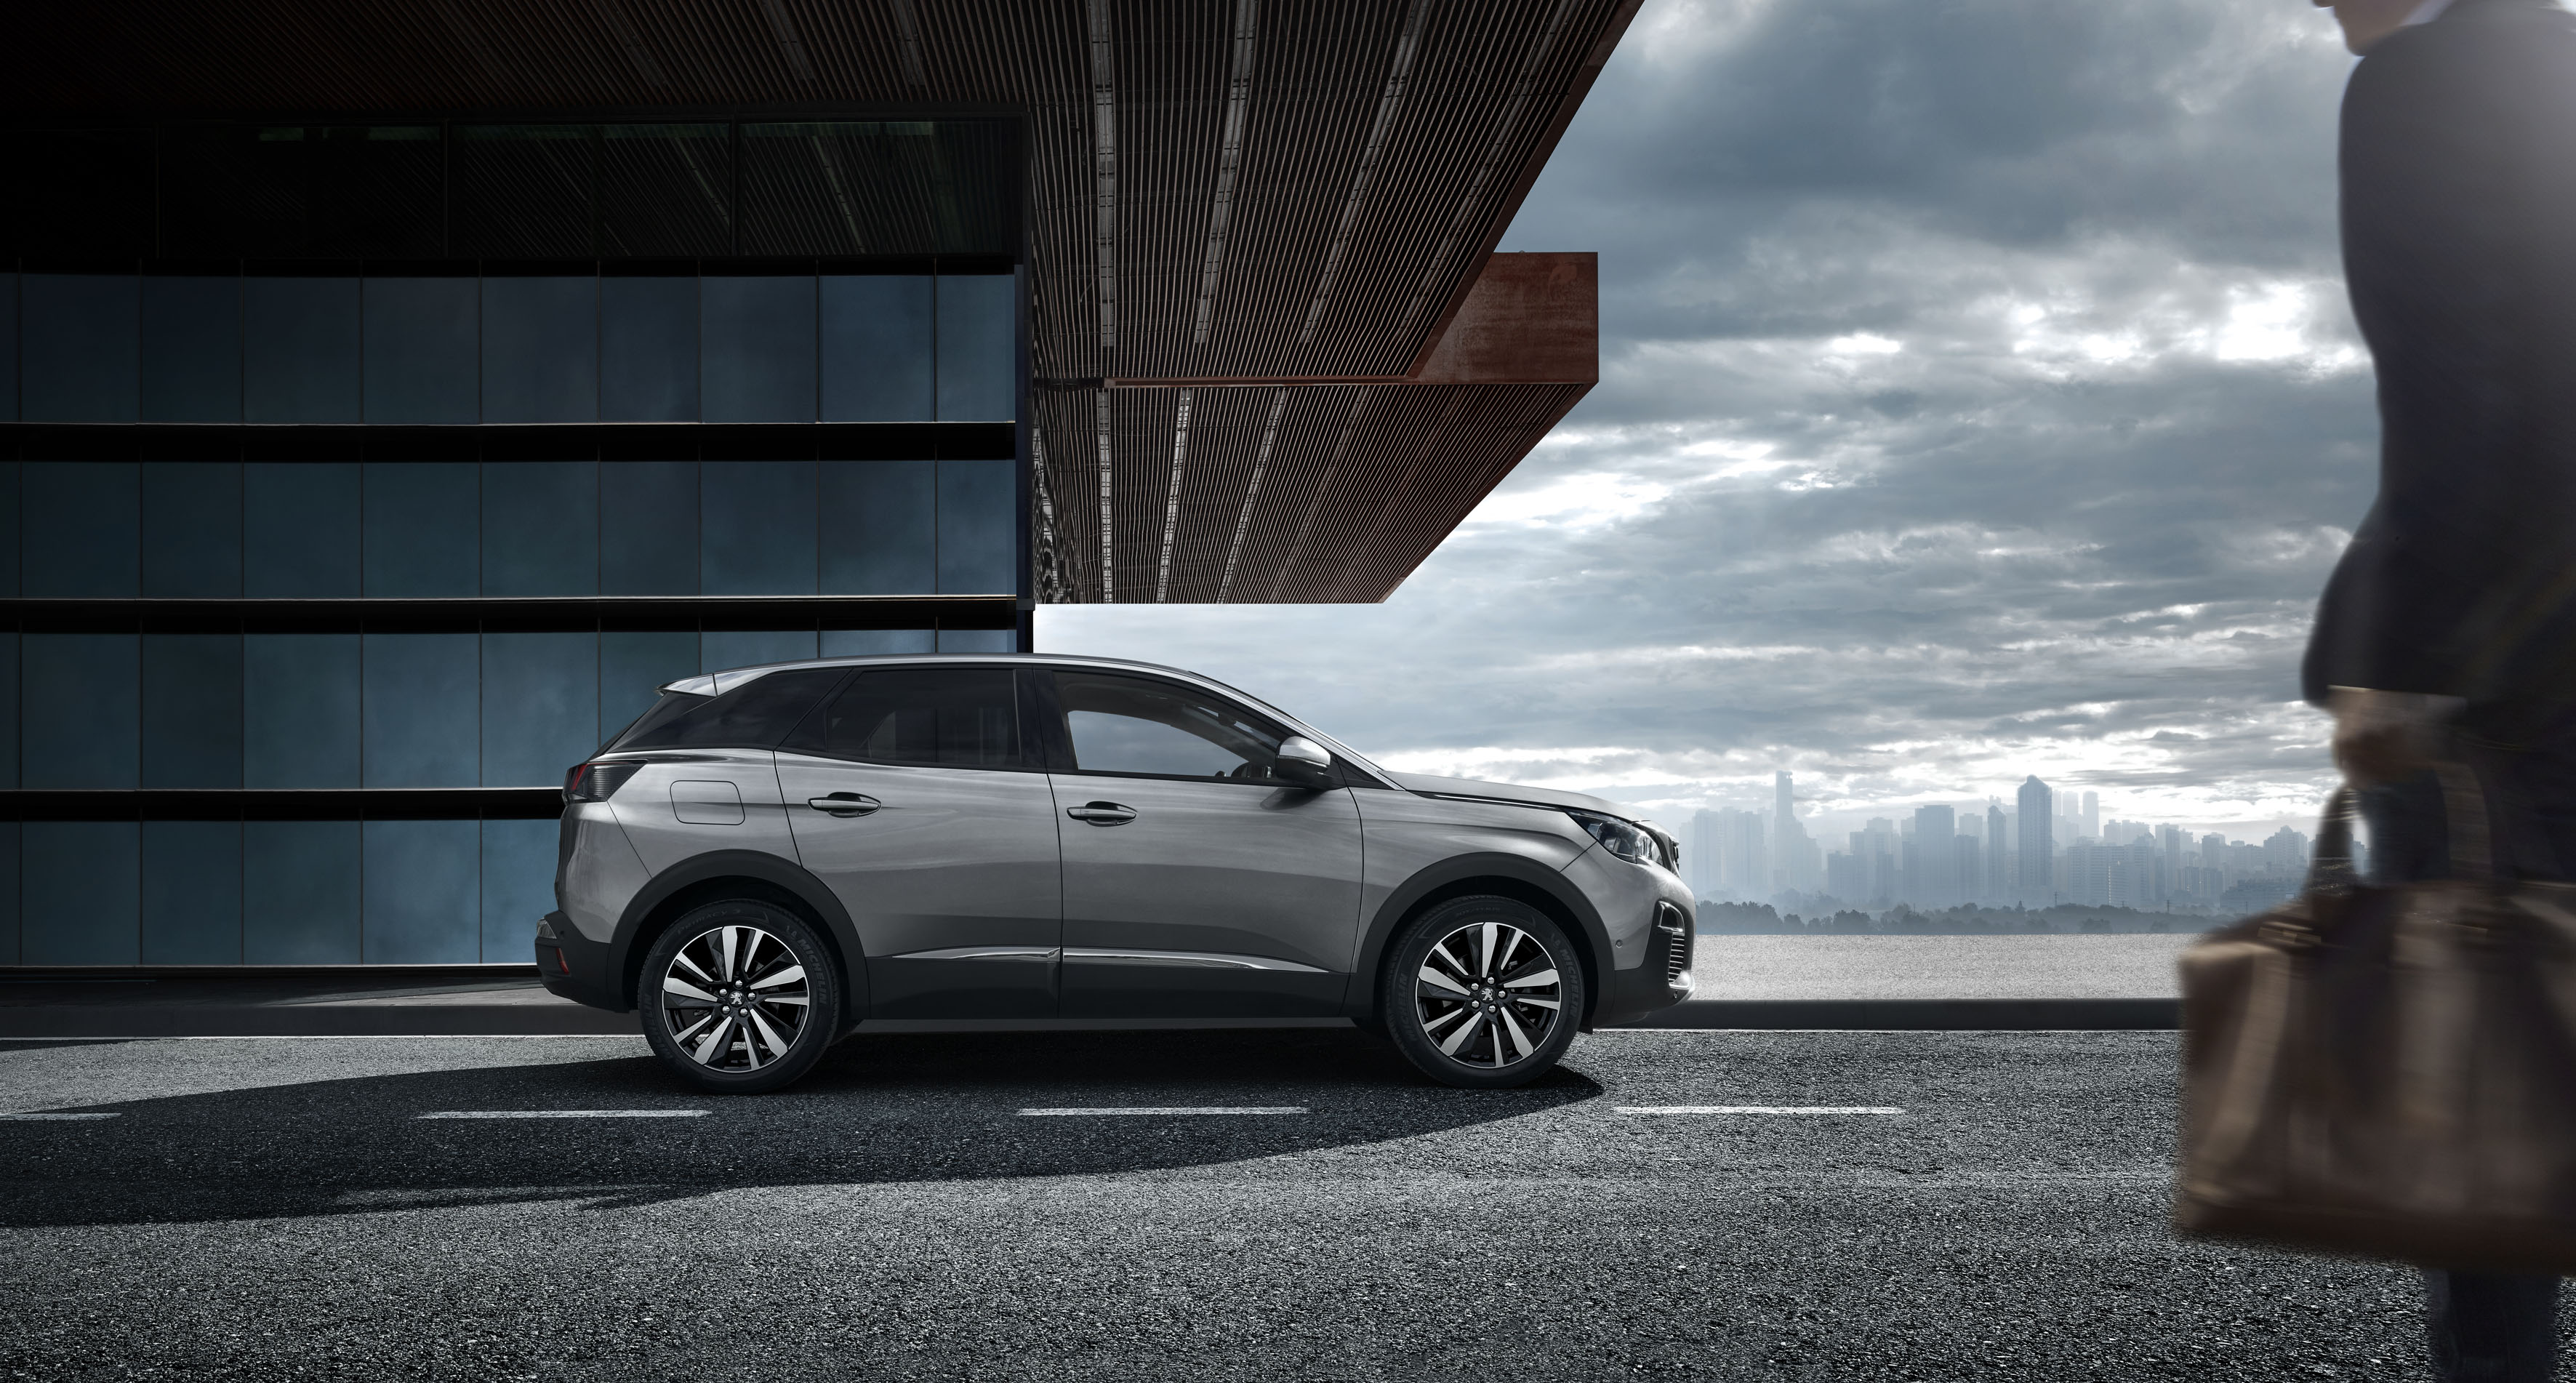 【新事】出手排就買?挑戰市場定律Peugeot推出手排休旅